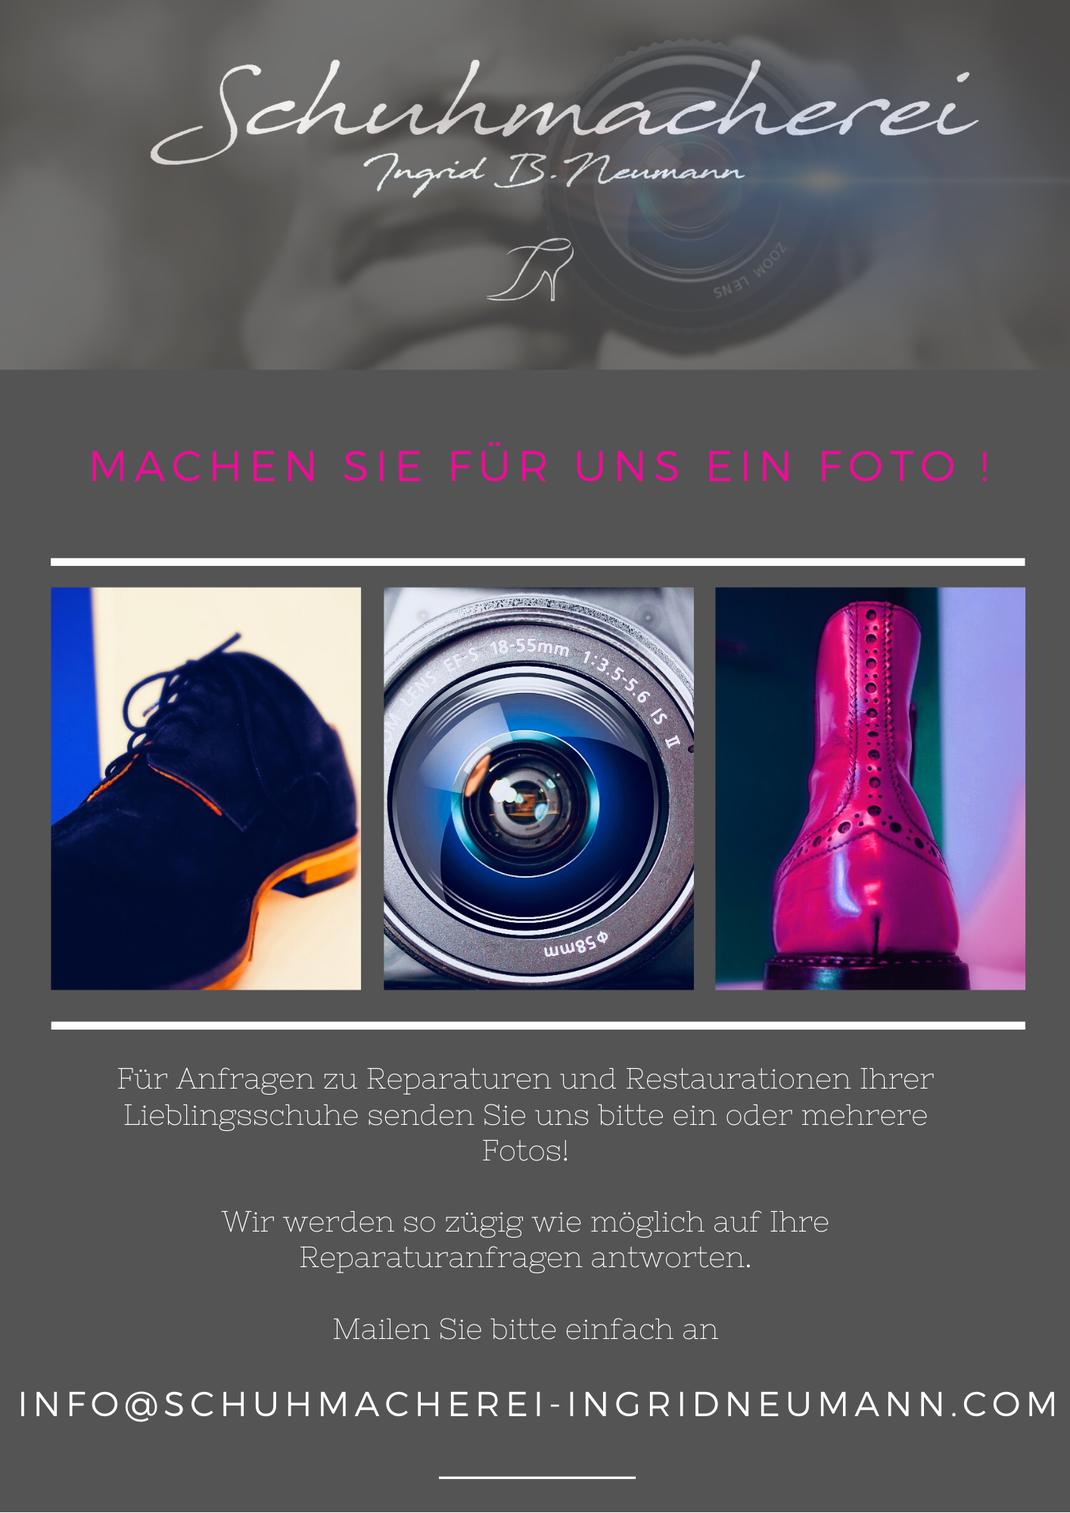 E-Mail Anfragen zu Schuhreparaturen und Restaurationen Flyer 2020